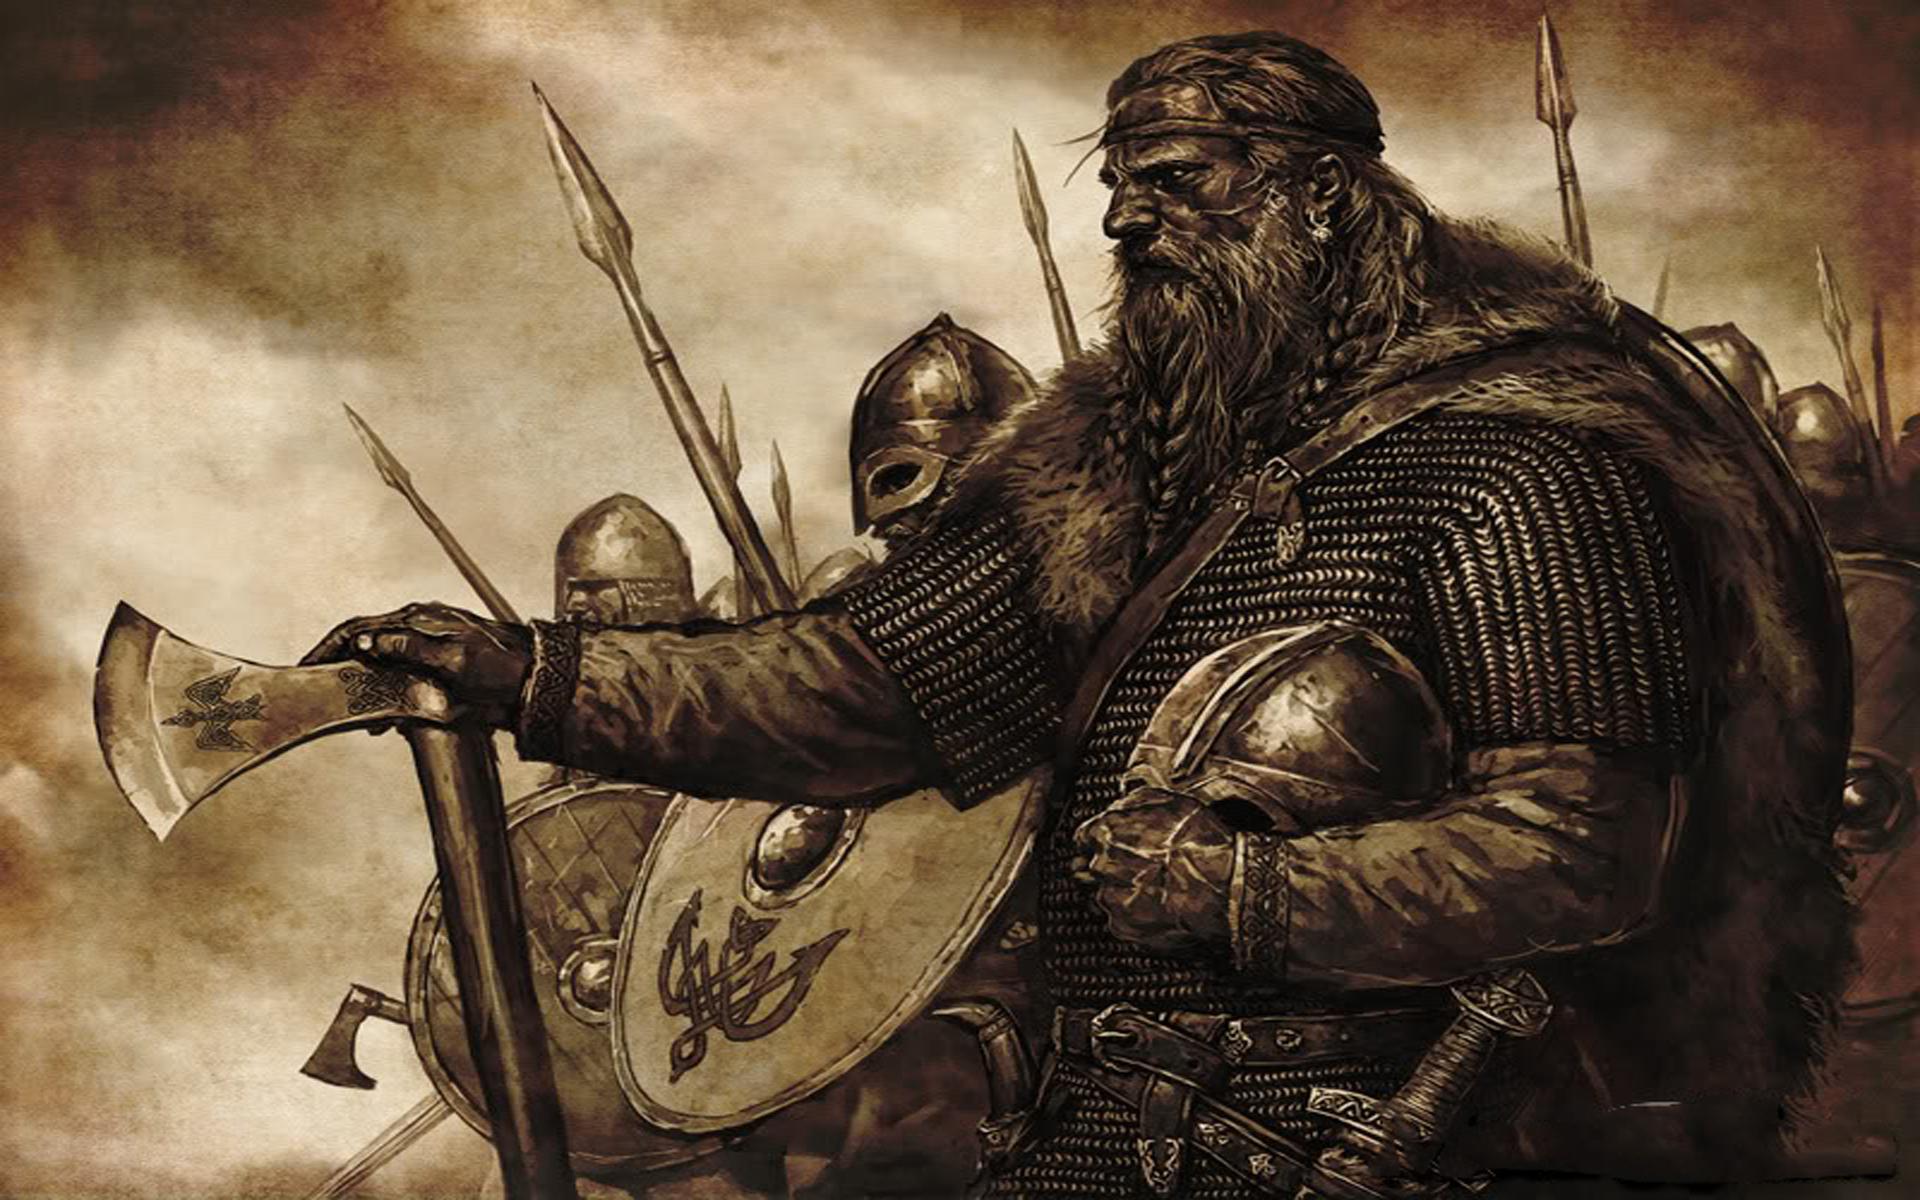 Vikings Artwork Wallpaper 1920x1200 Vikings Artwork Medieval 1920x1200